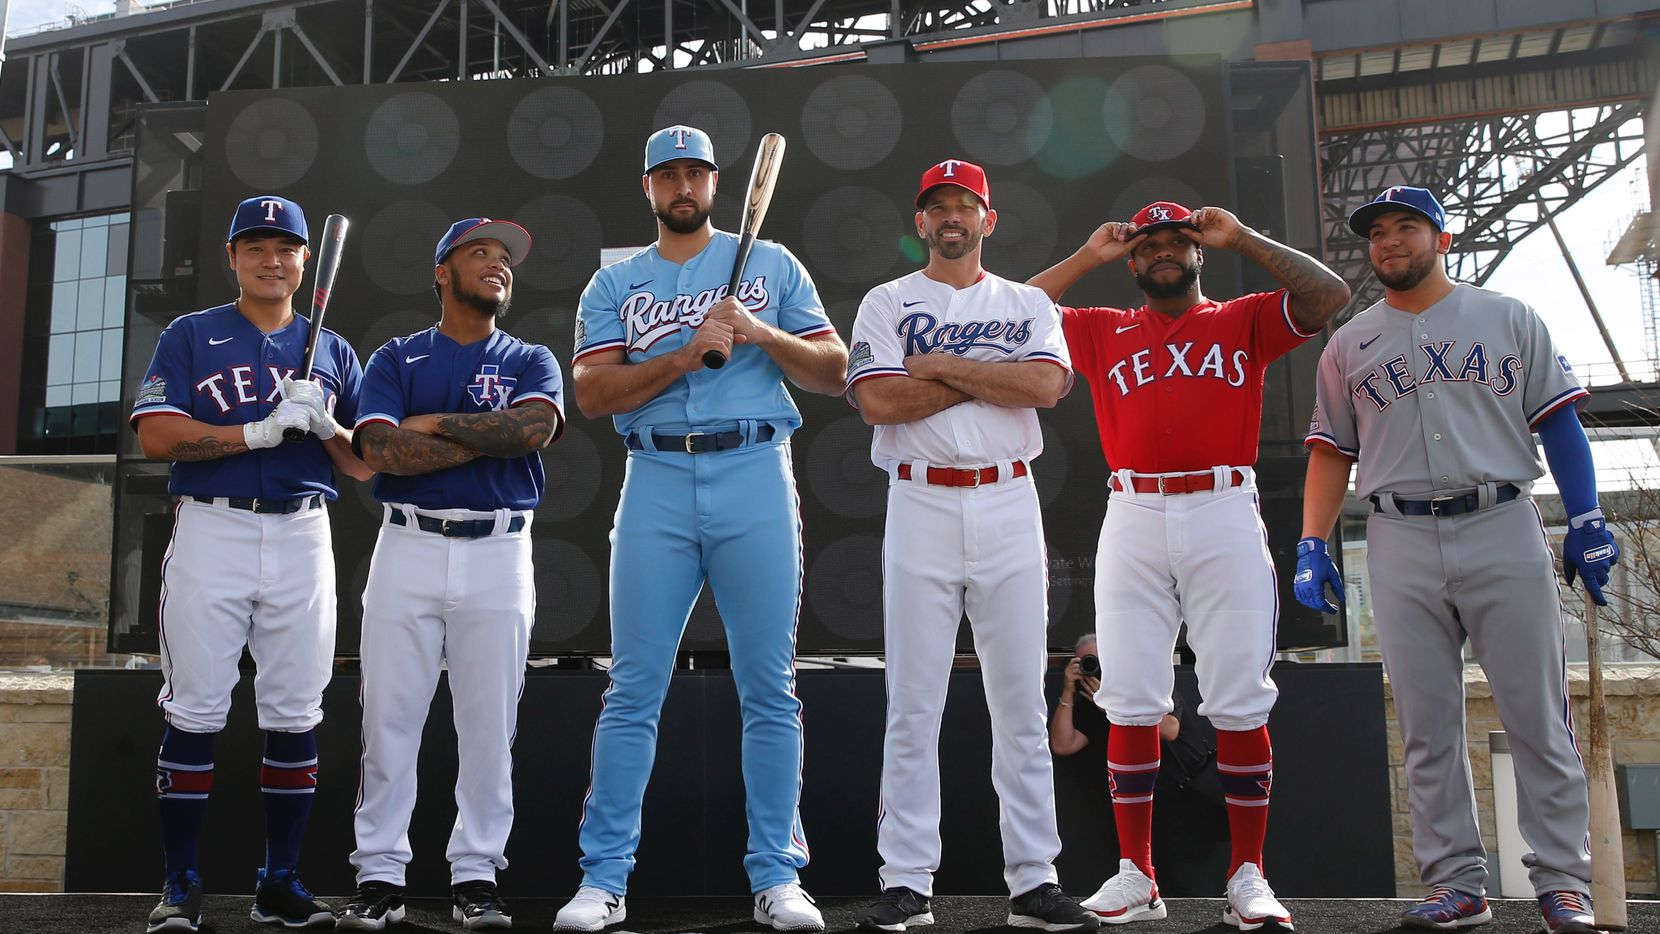 Afbeeldingsresultaat voor Texas rangers new uniforms